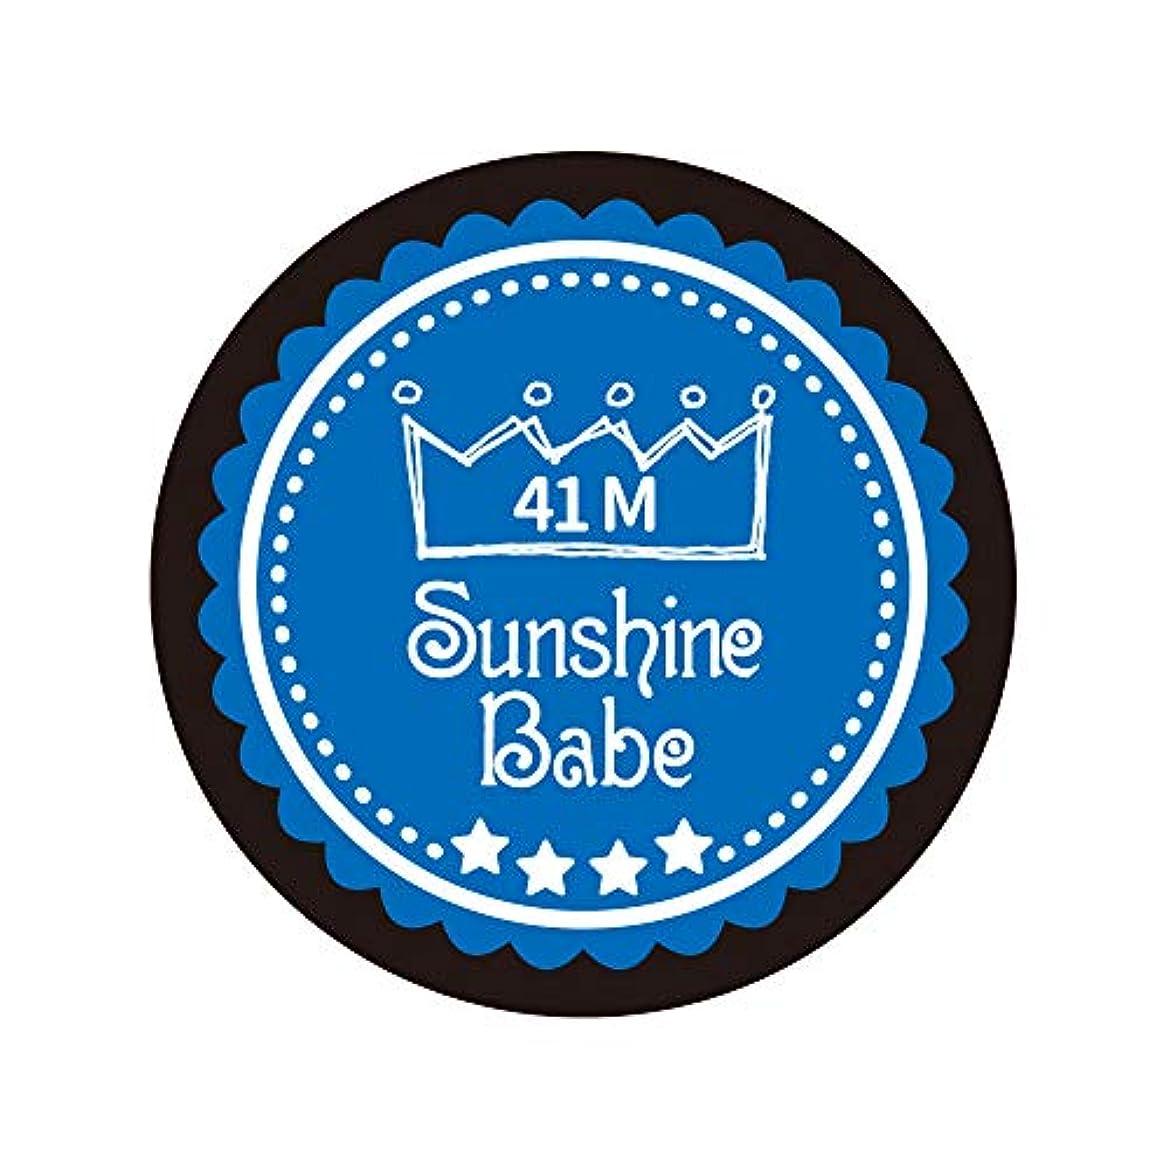 伝統的パンフレットバッフルSunshine Babe カラージェル 41M ネブラスブルー 2.7g UV/LED対応